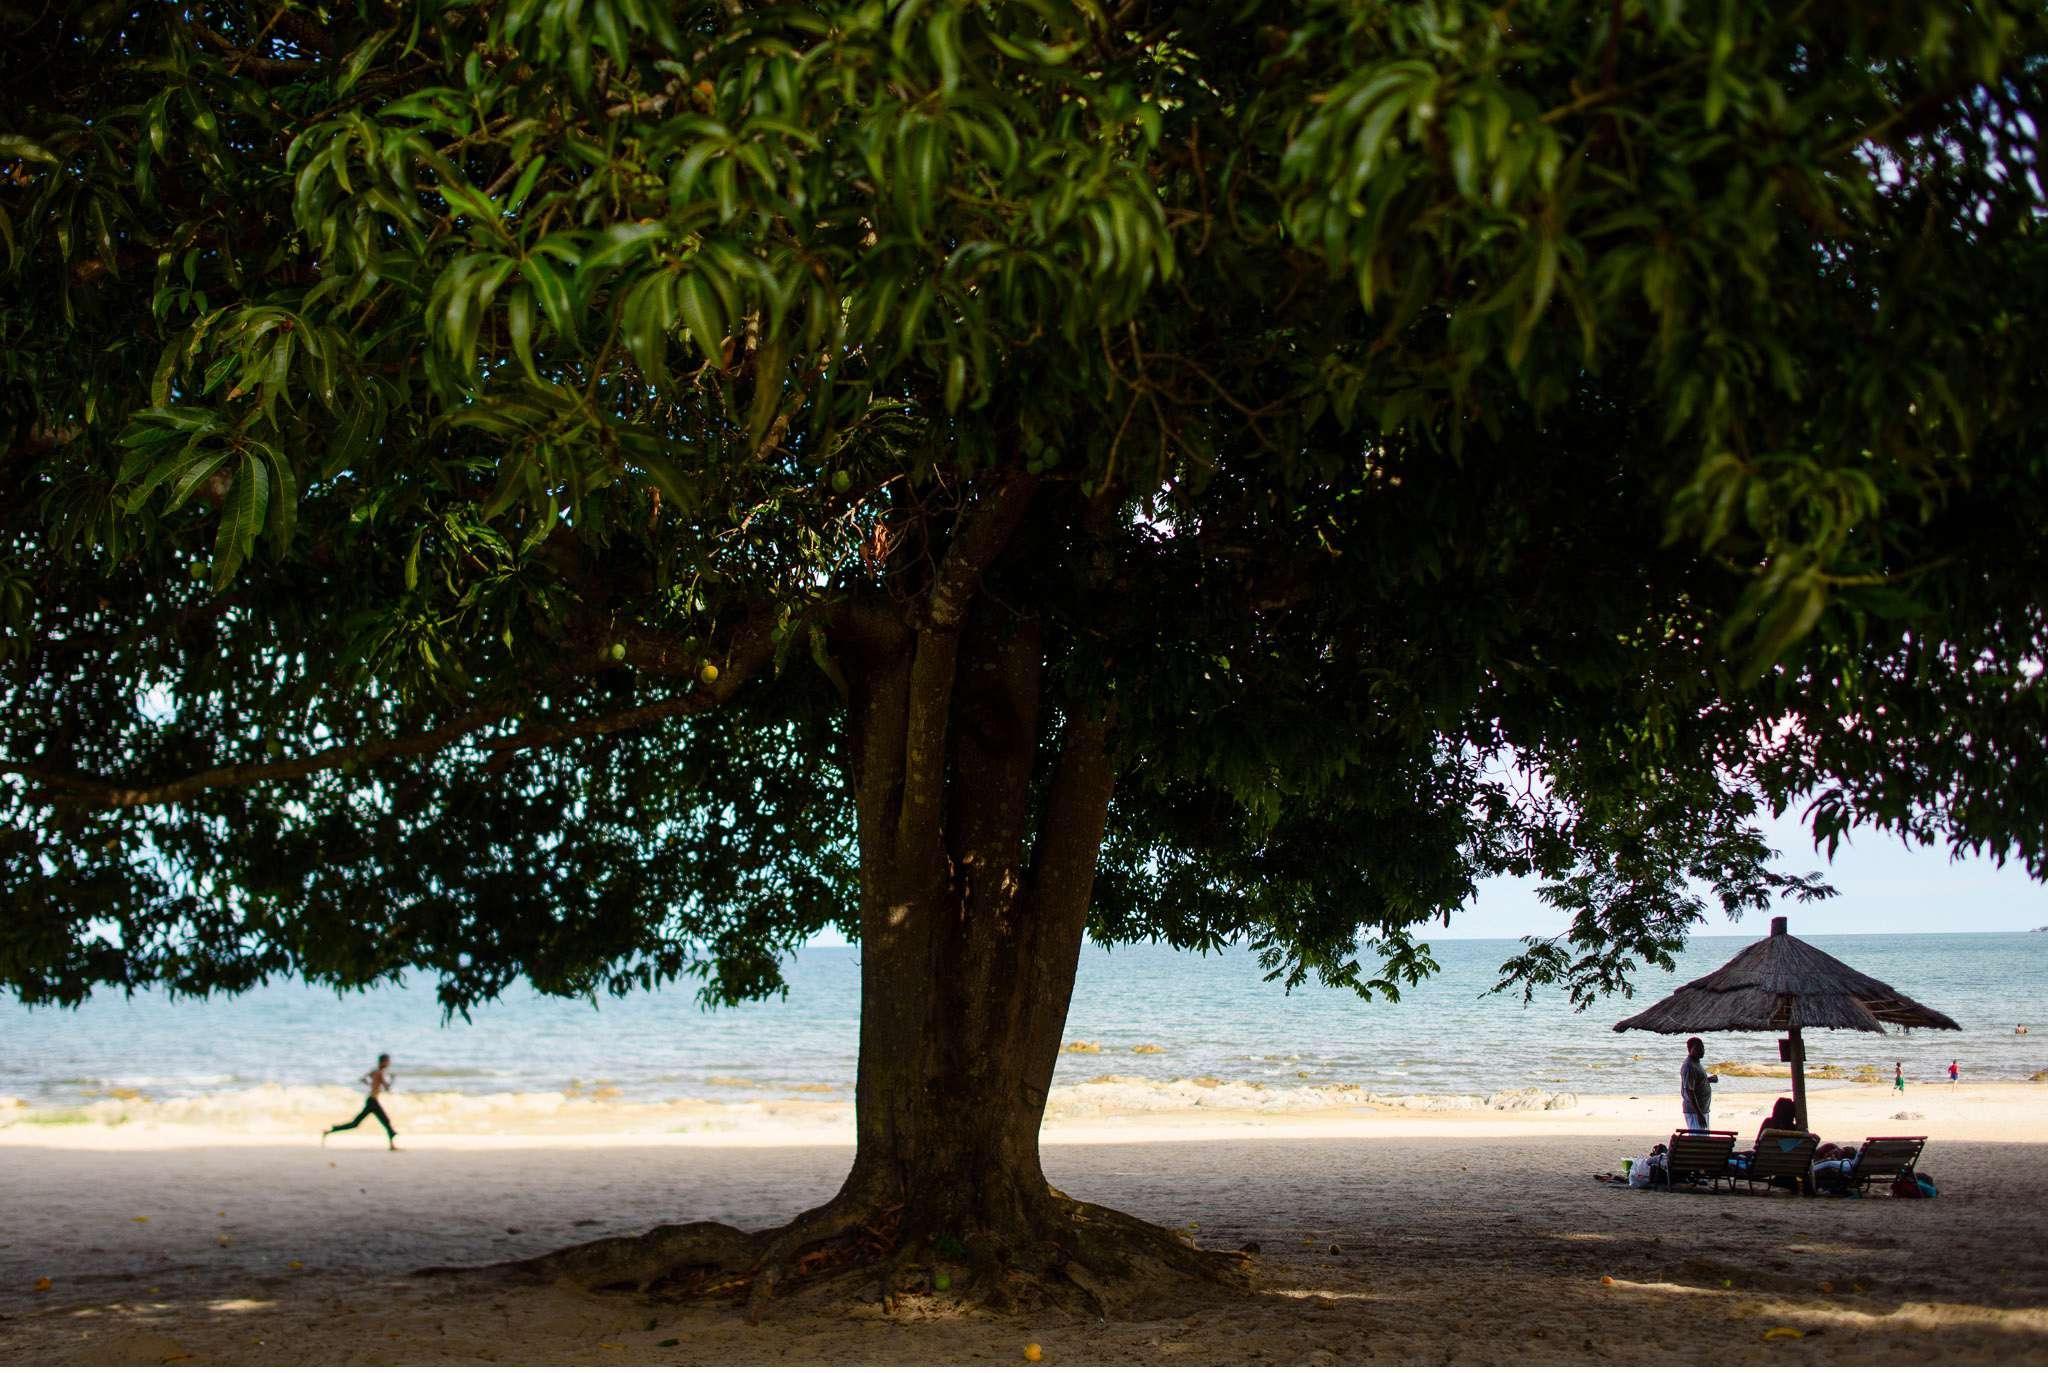 Malawi-Quer durch Afrika- Geschichten von unterwegs by Marion and Daniel-65